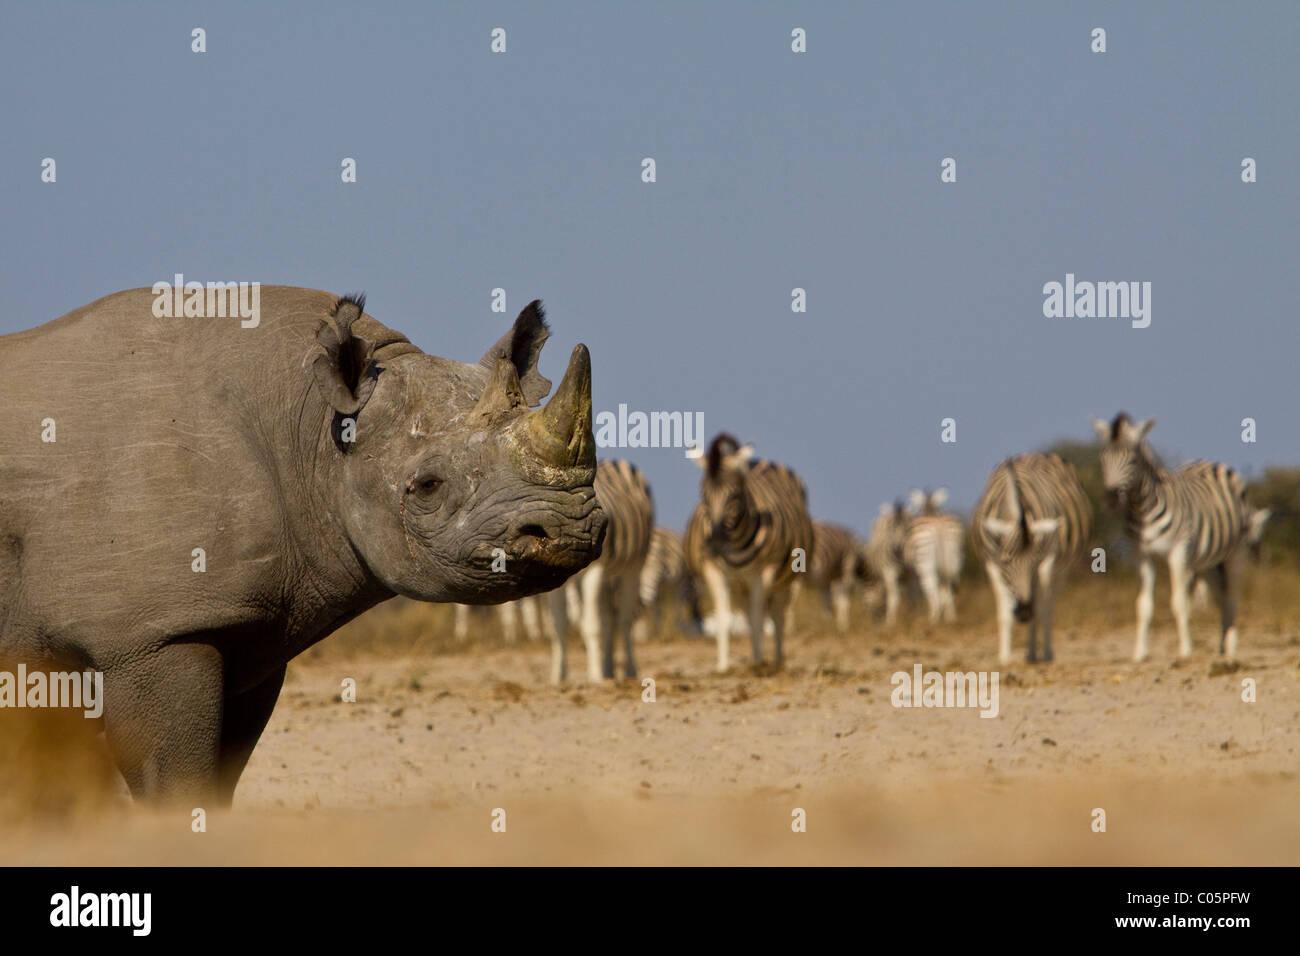 Black Rhino and Zebra, Etosha National Park, Namibia. - Stock Image